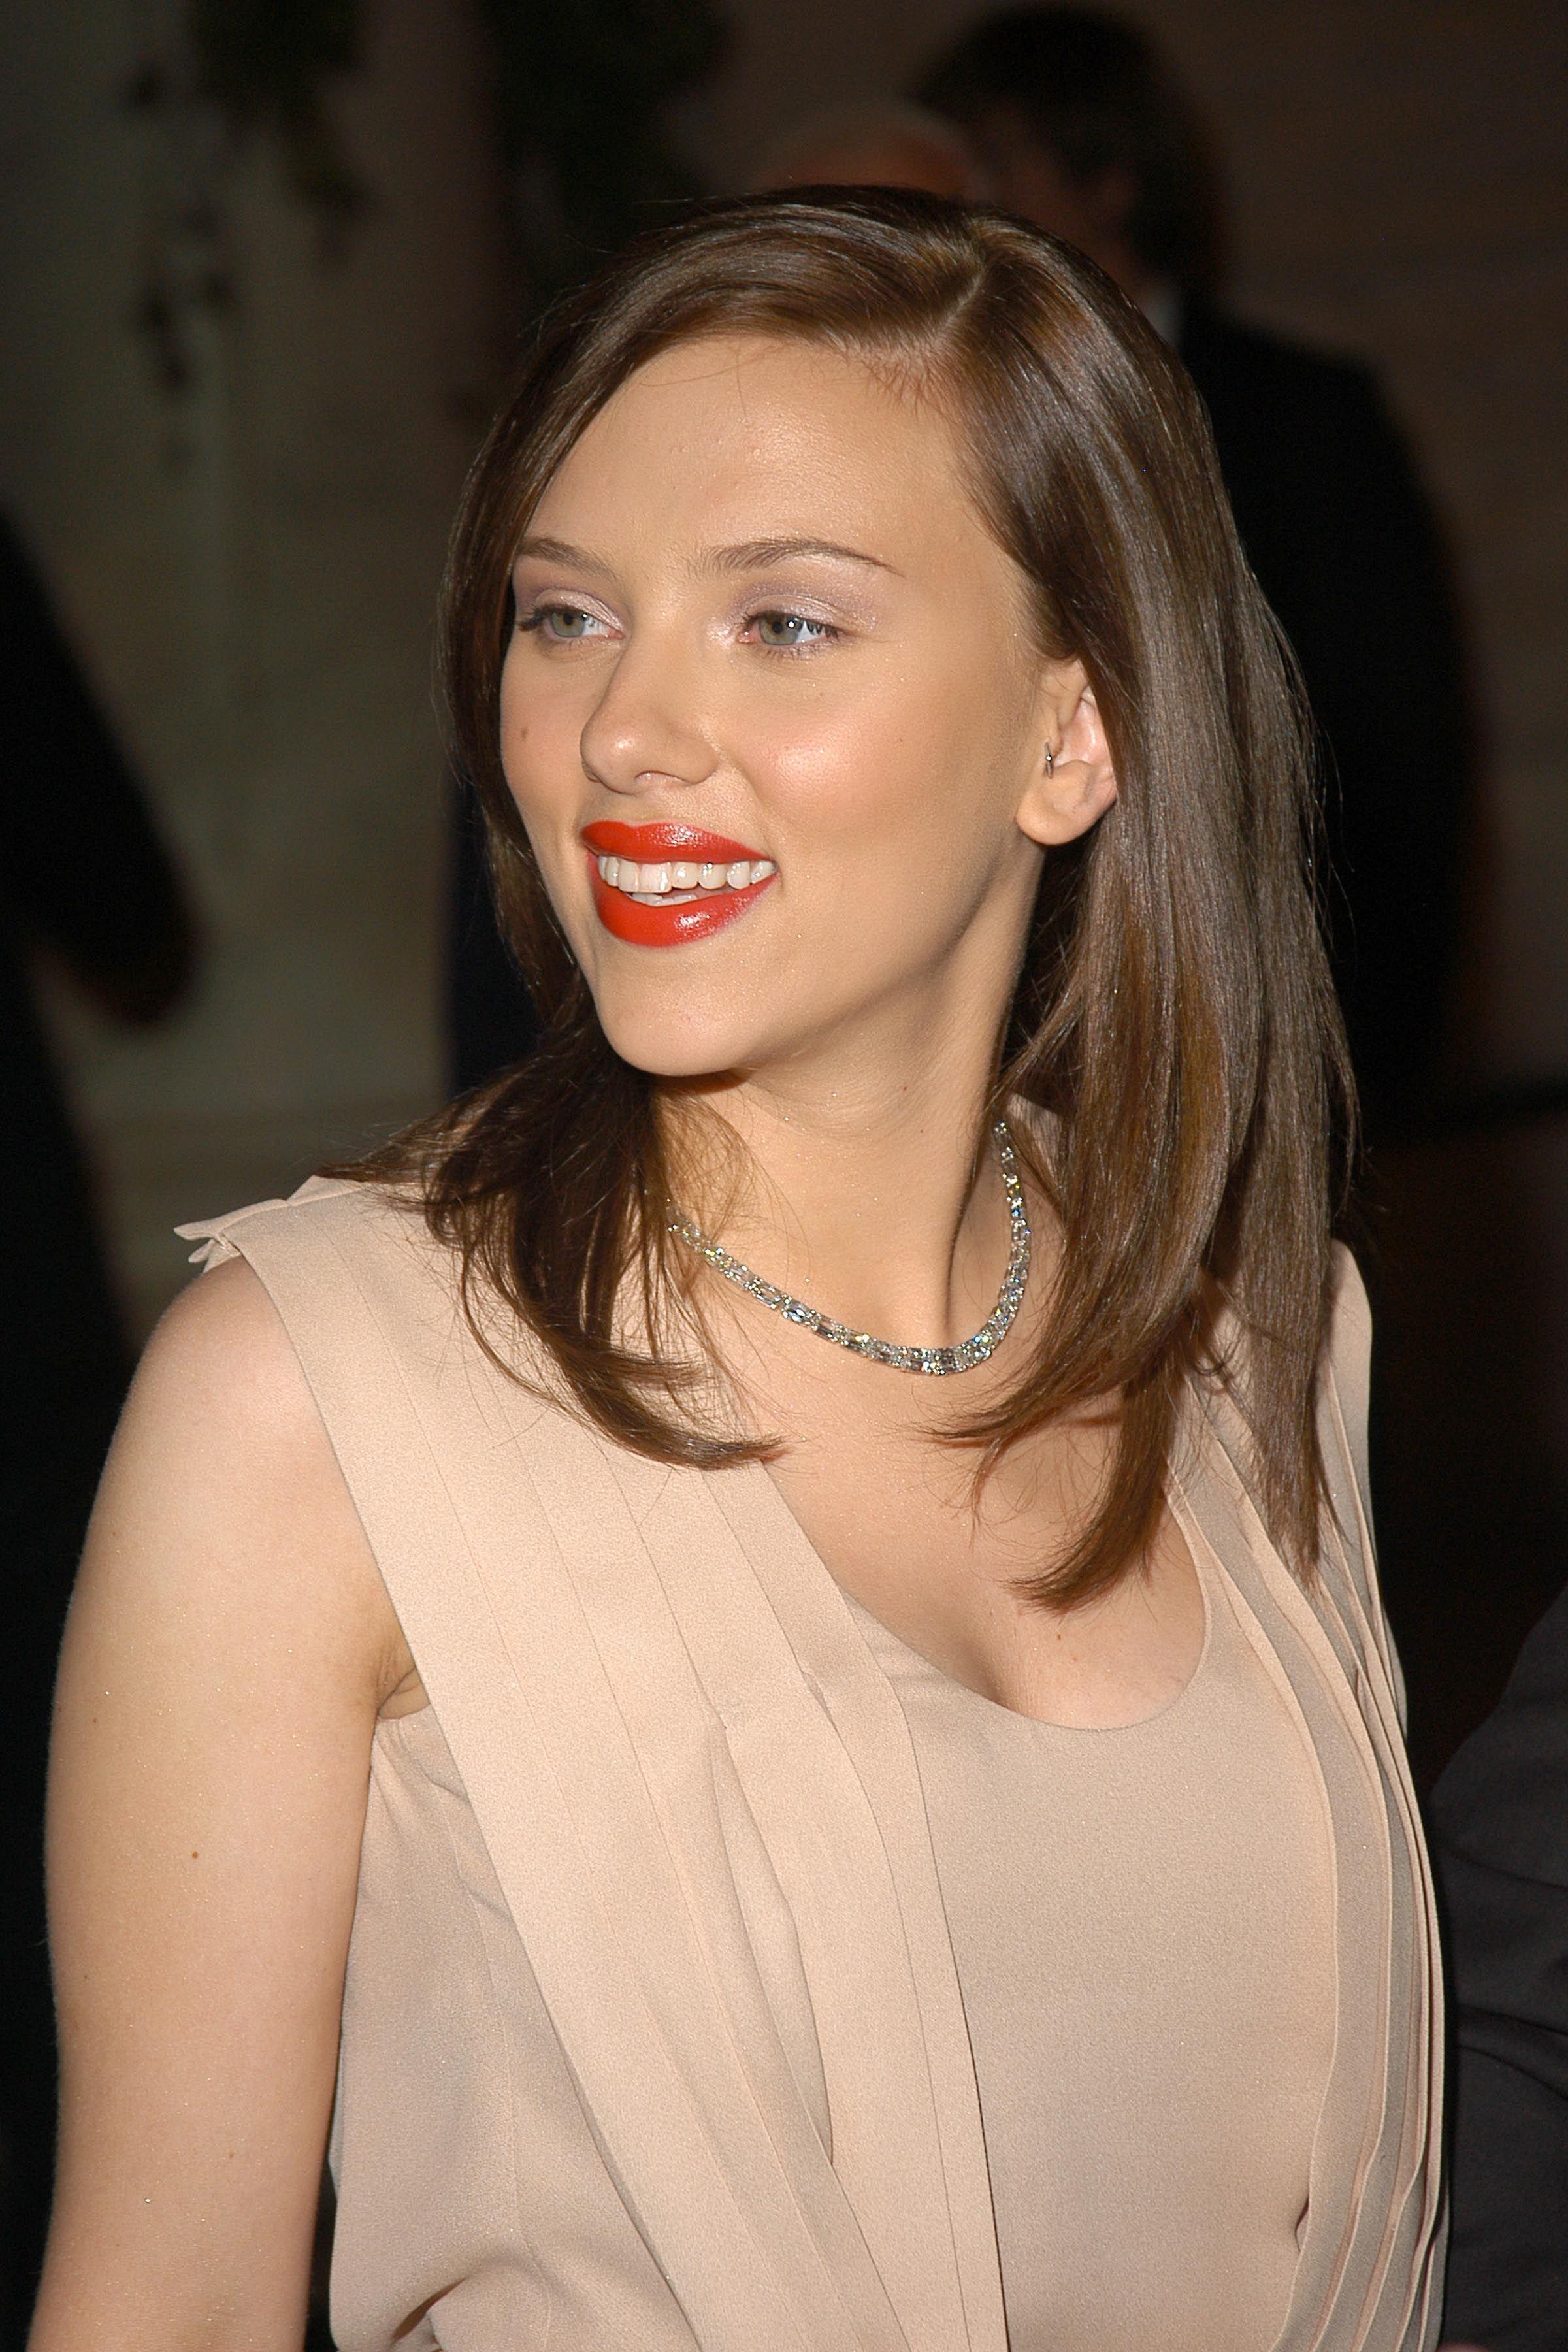 Scarlett Johansson Scarlett johansson